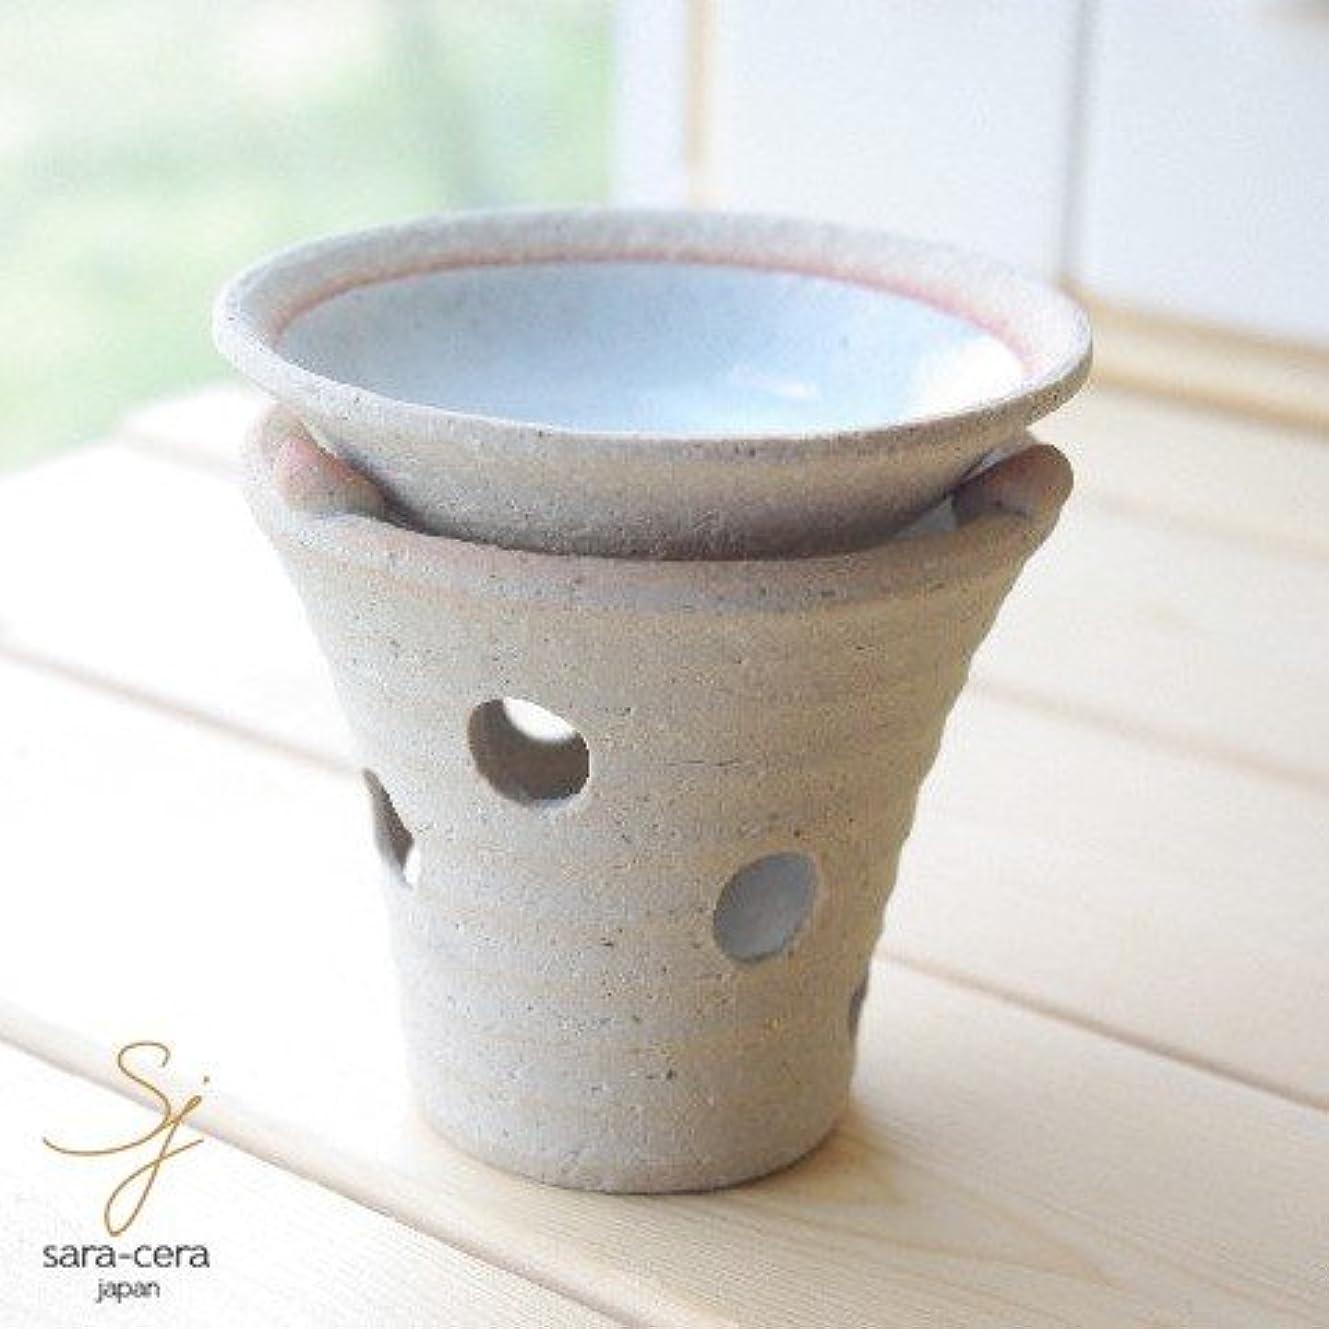 角度走る仮定、想定。推測松助窯 手作り茶香炉セット 白釉 ホワイト アロマ 和食器 リビング